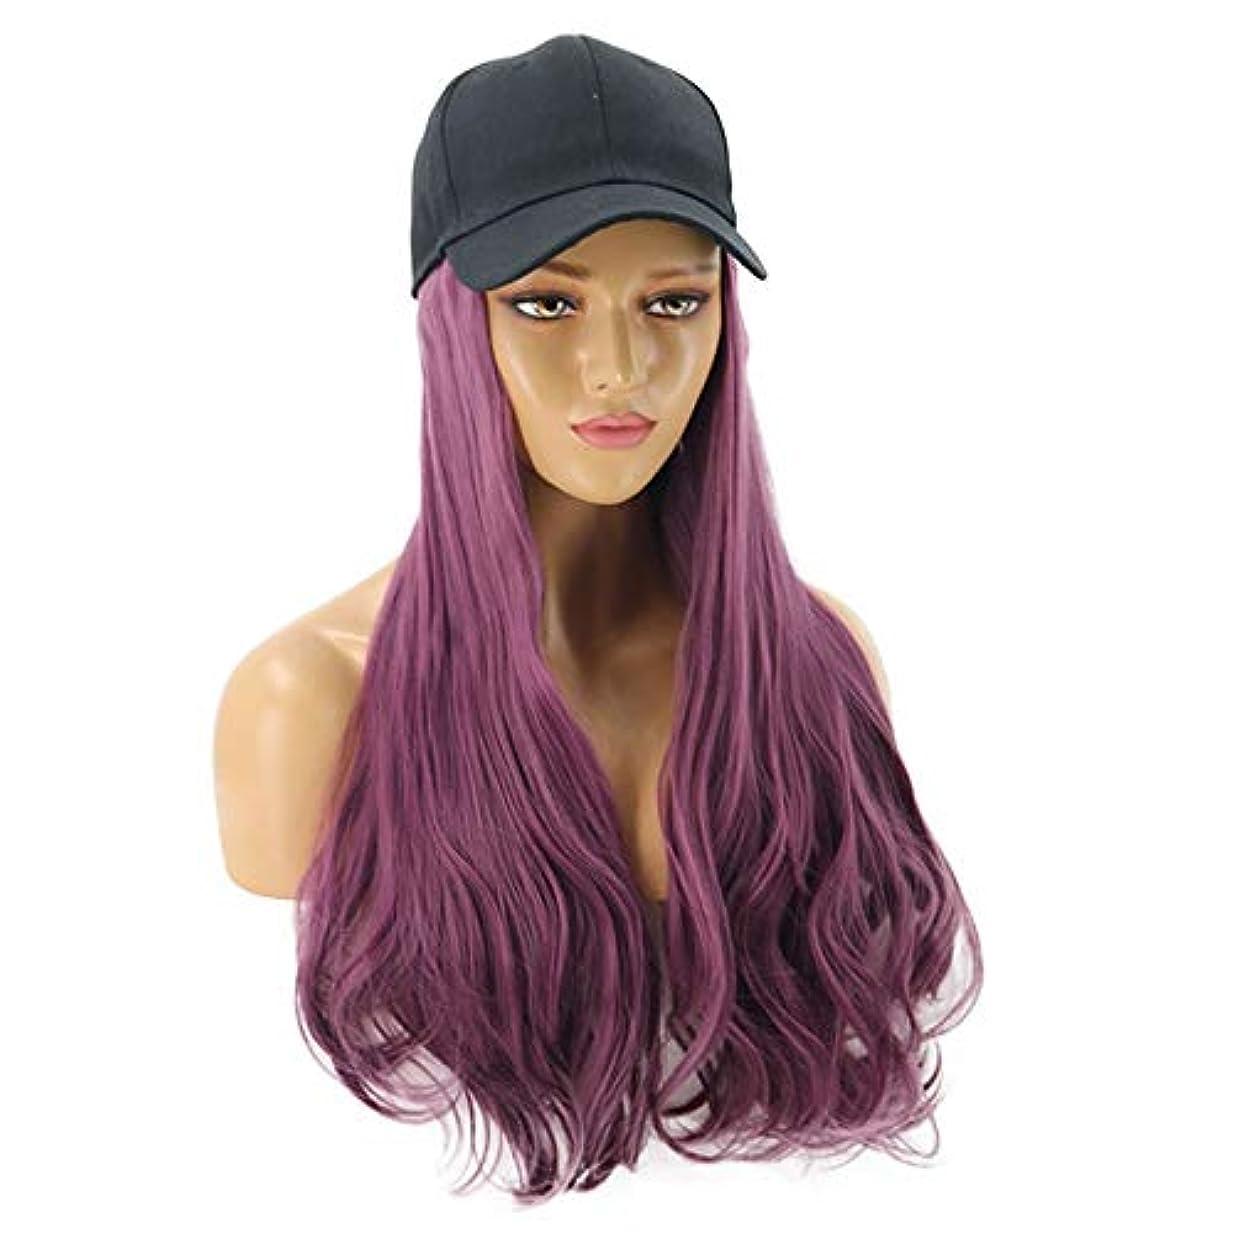 空の快適懲戒HAILAN HOME-かつら ファッション藤女性かつらハットワンピースHatの先見の明前髪ウィッグ55センチメートル保持型ワンピース取り外し可能